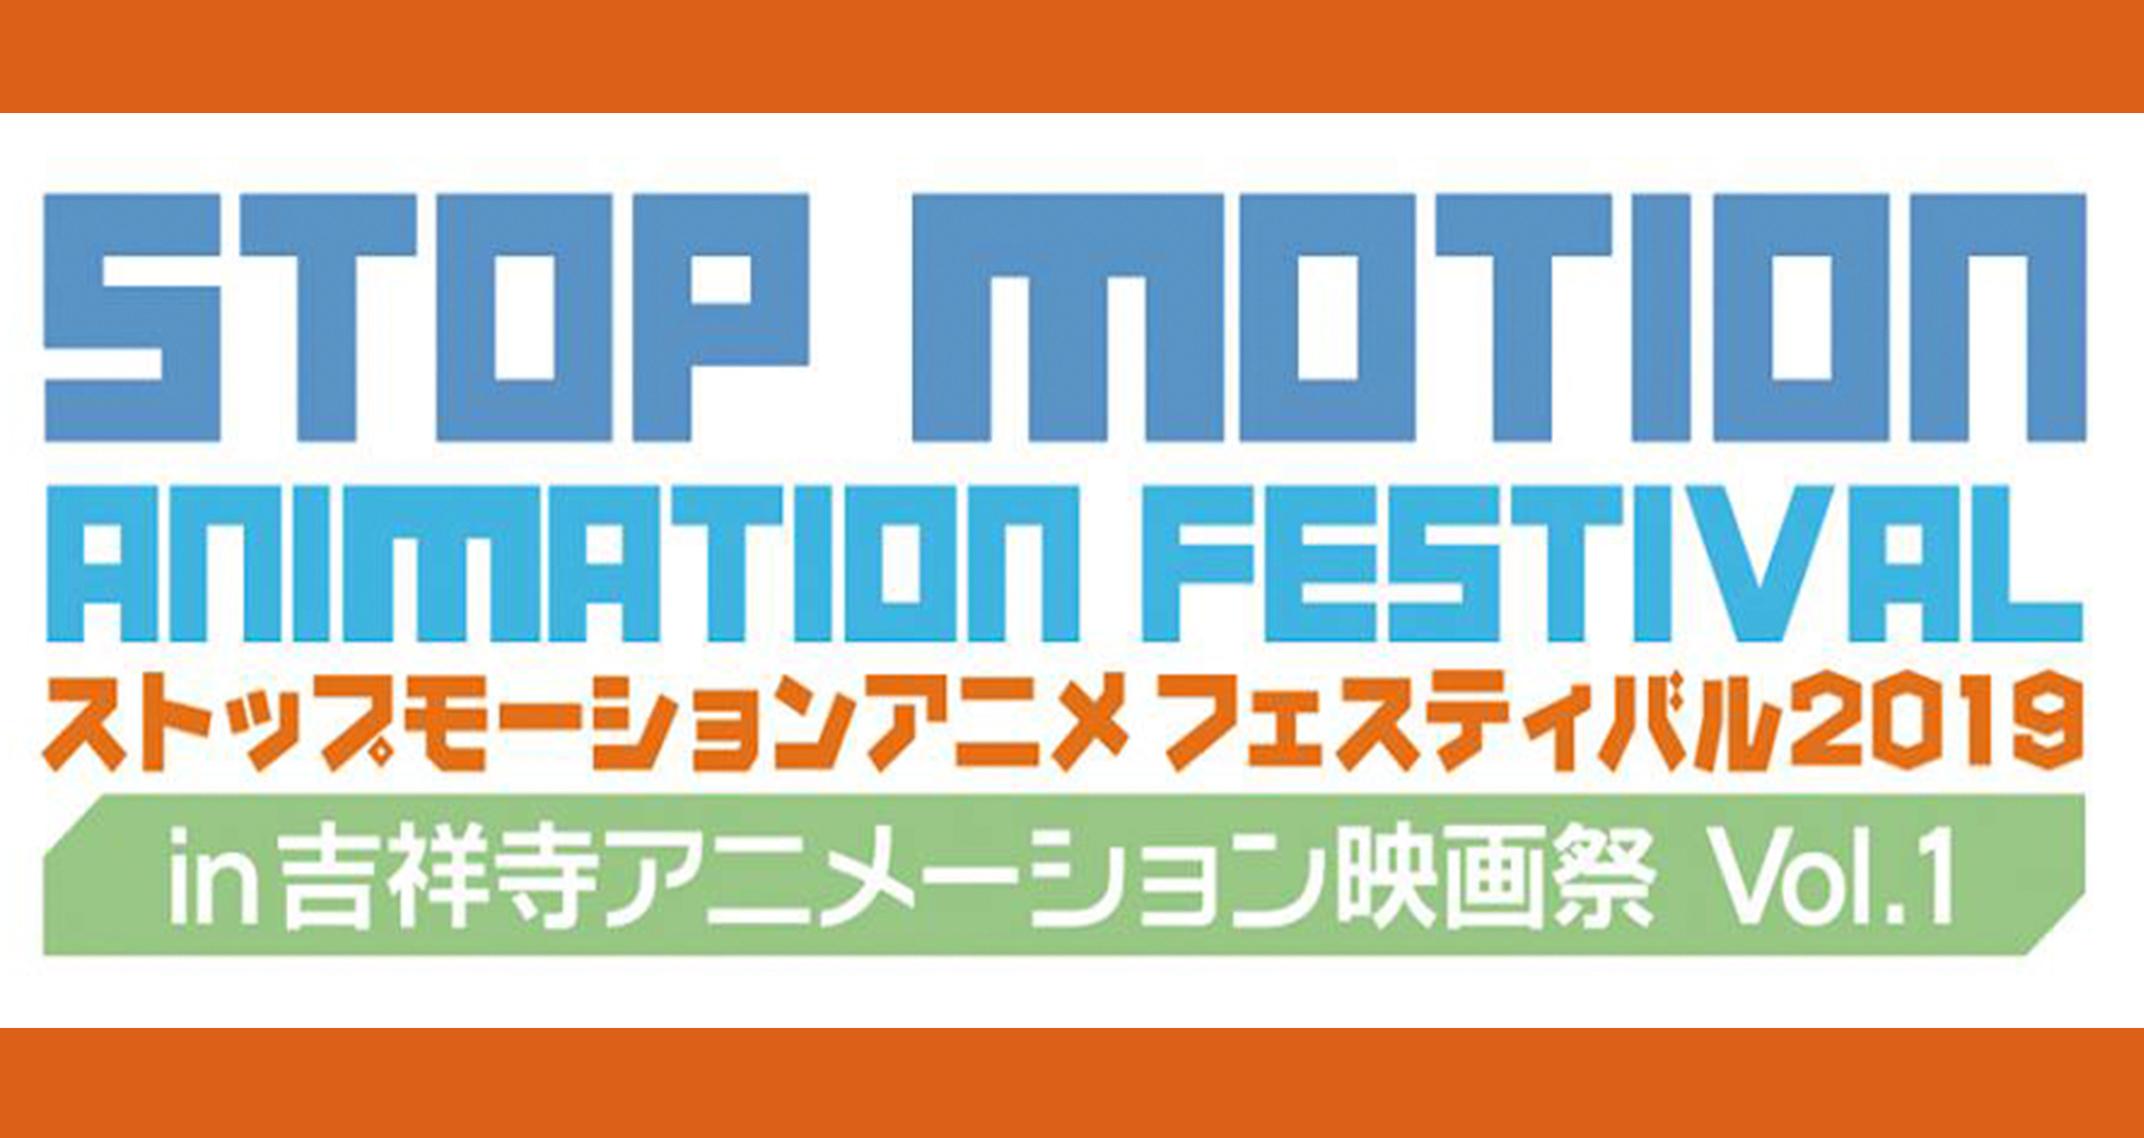 ストップモーションアニメフェスティバル